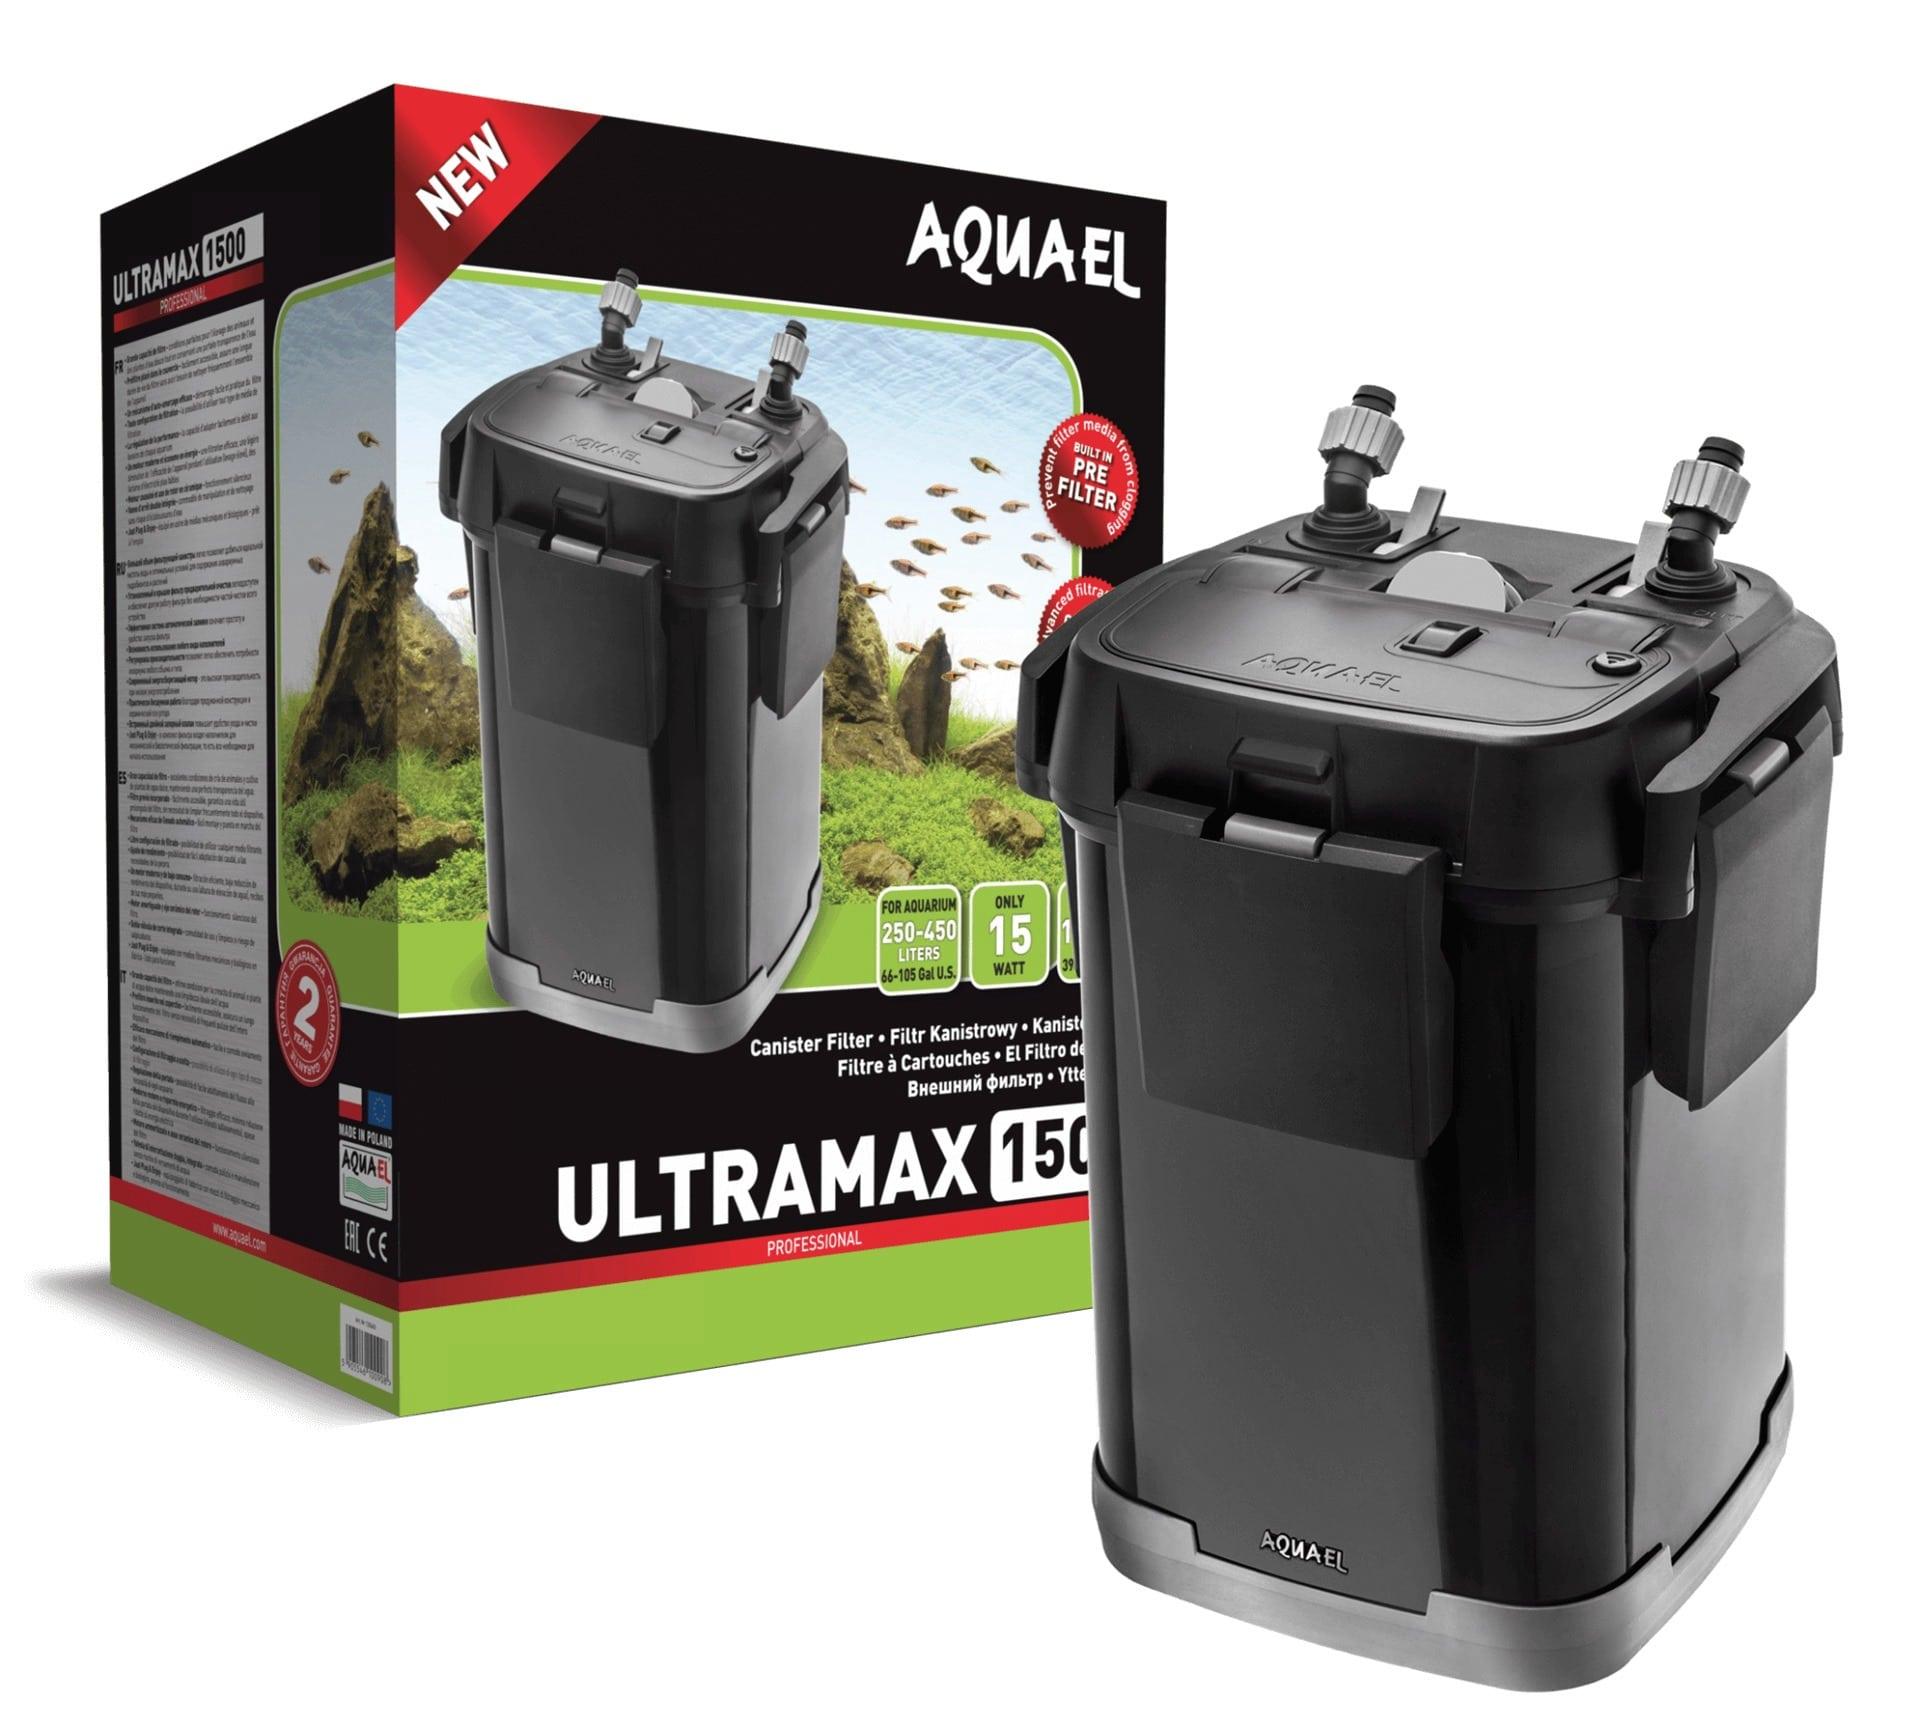 AQUAEL UltraMax 1500 filtre externe complet pour aquarium de 250 à 450L